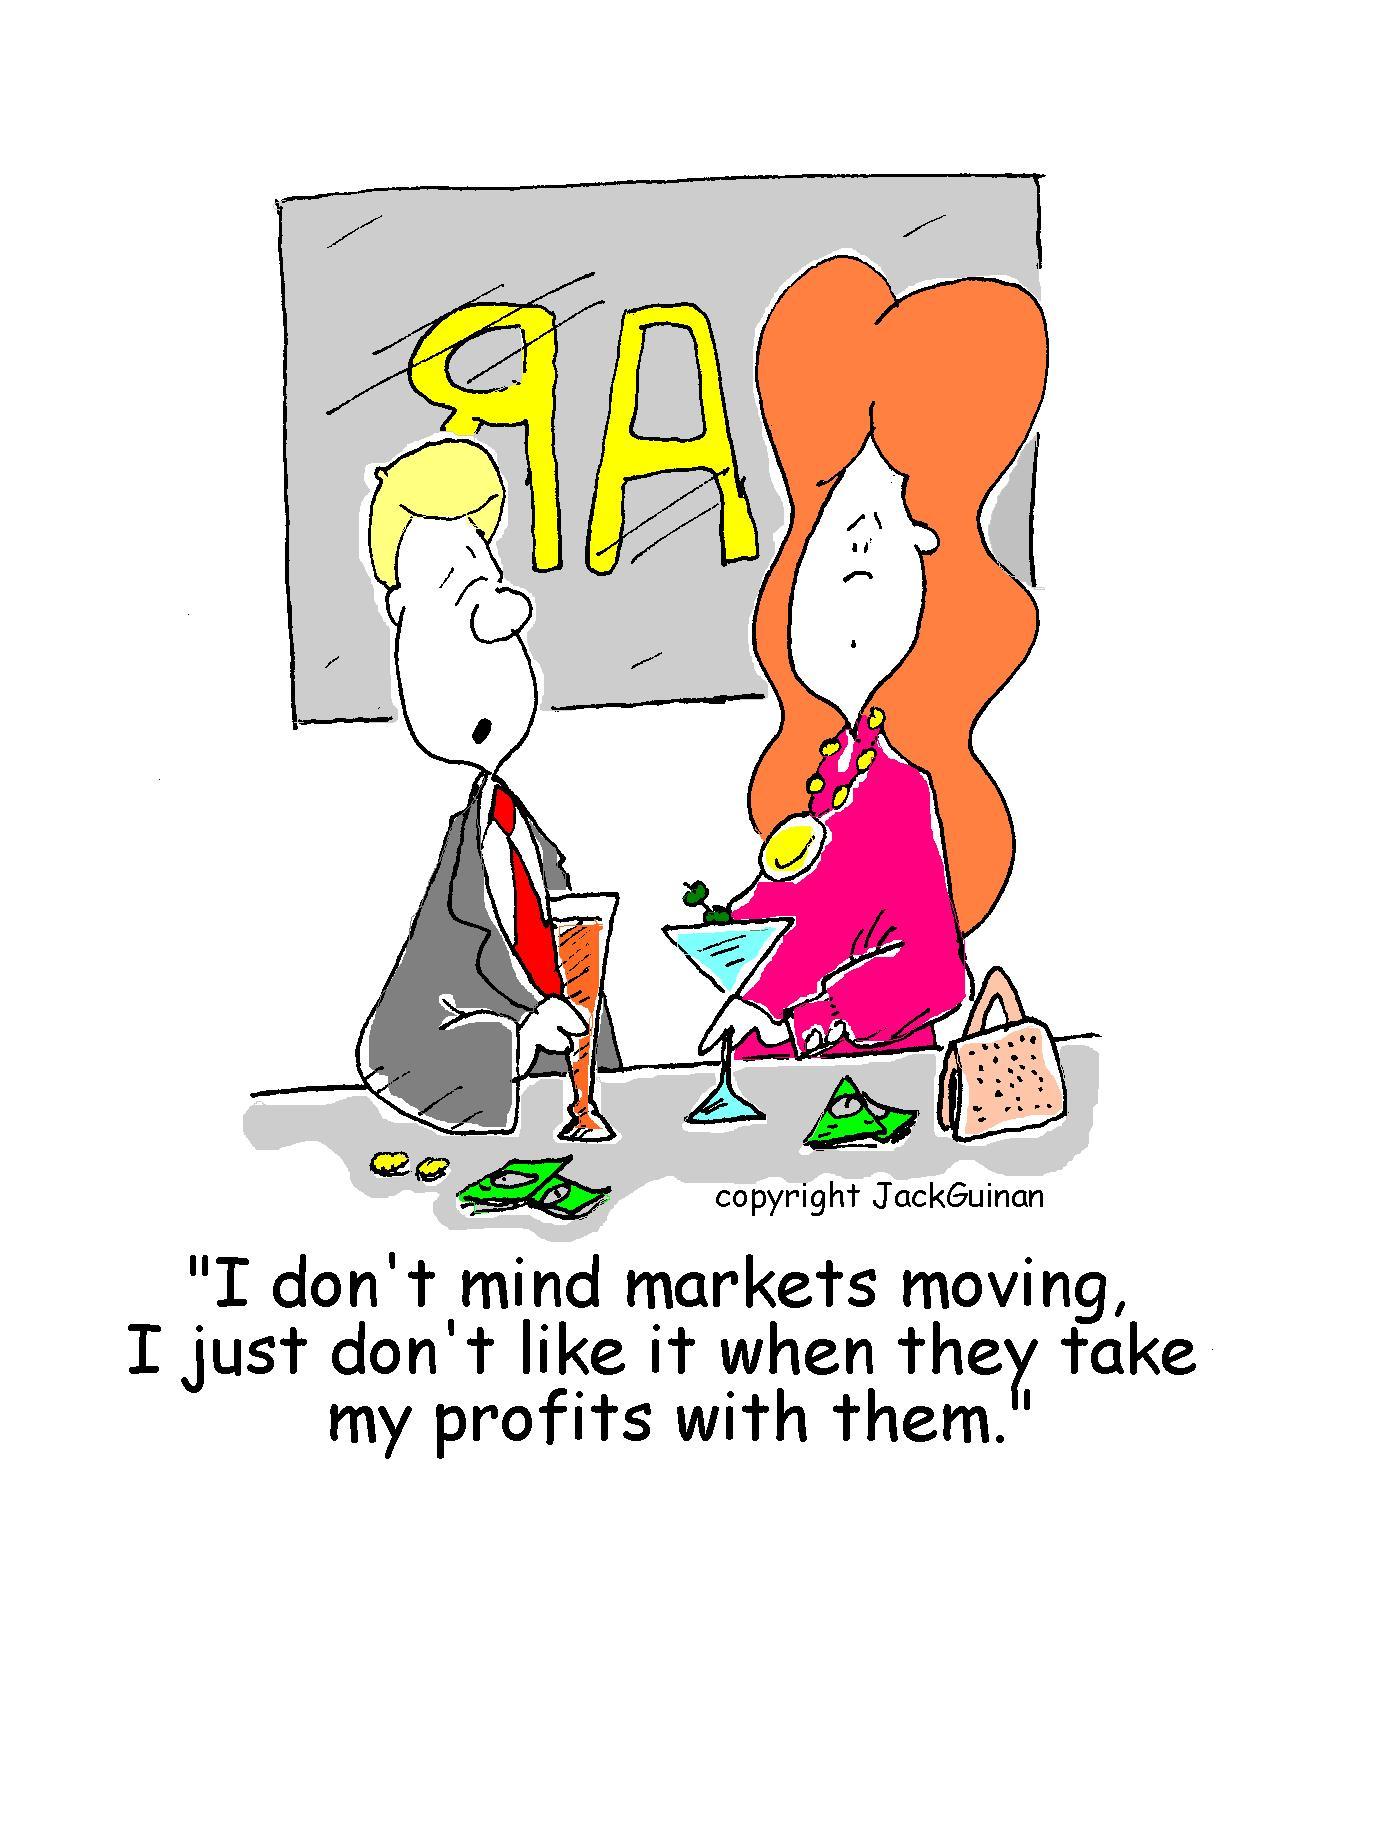 Marketsmoving